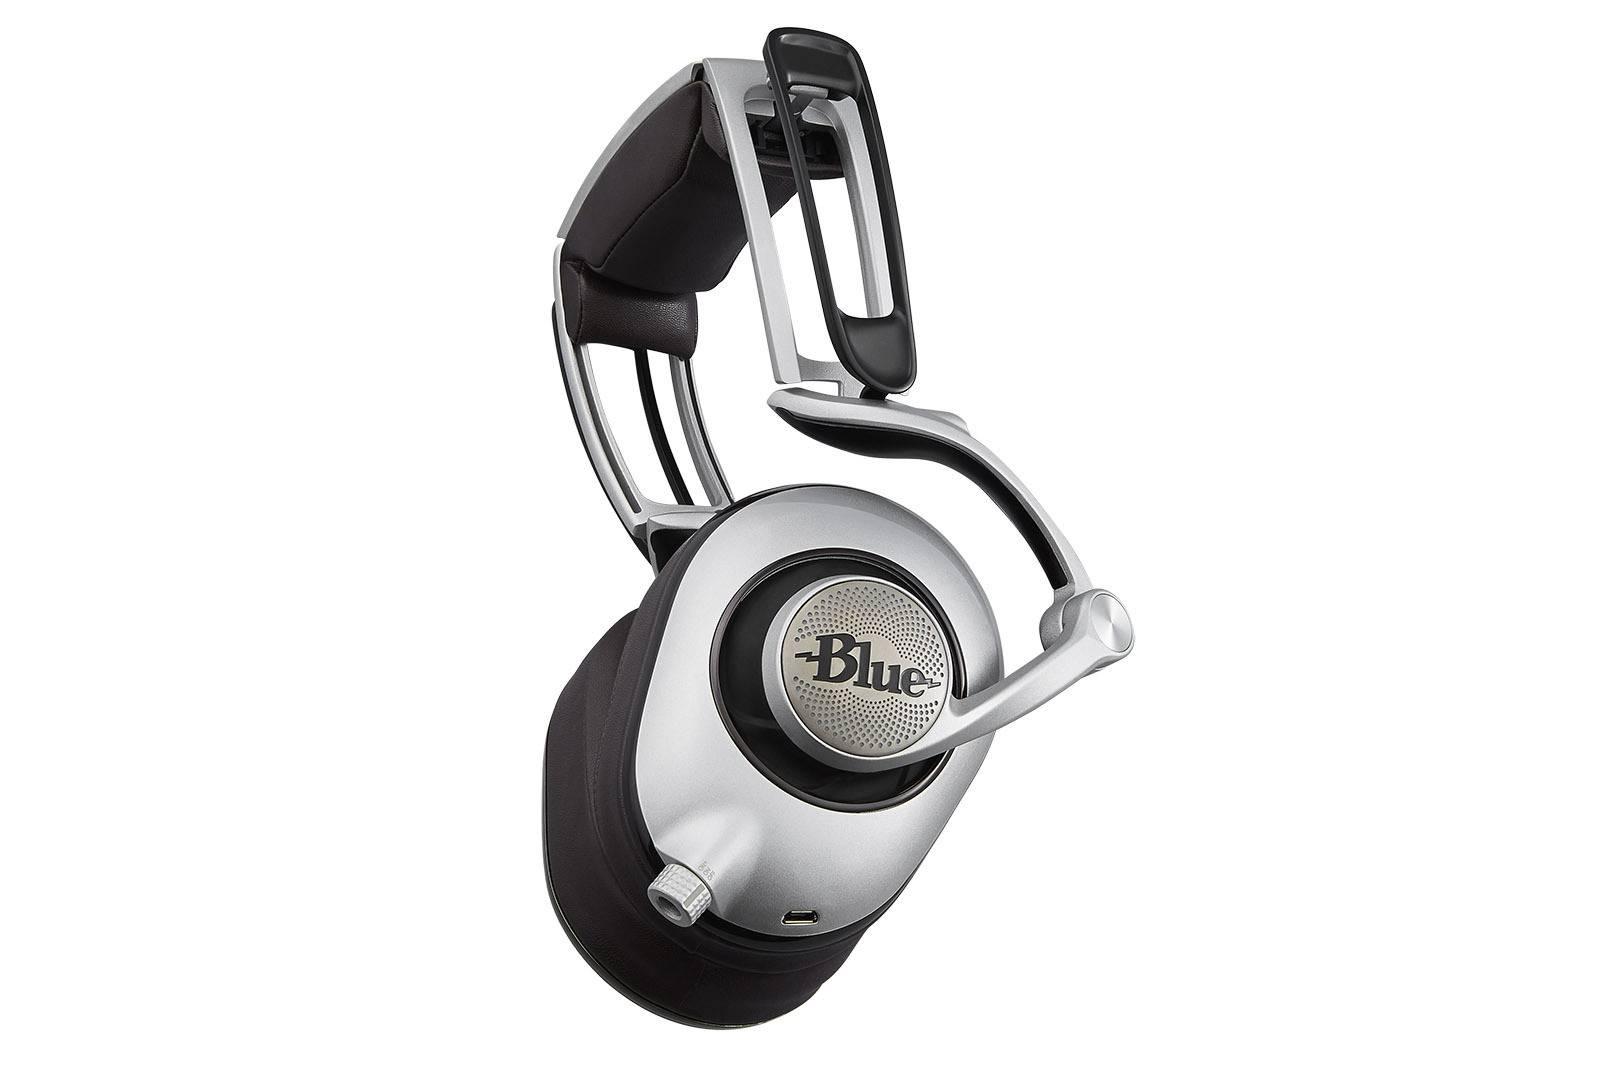 Blue Microphones Ella - Casti Hi-FI pentru experiente acustice deosebite